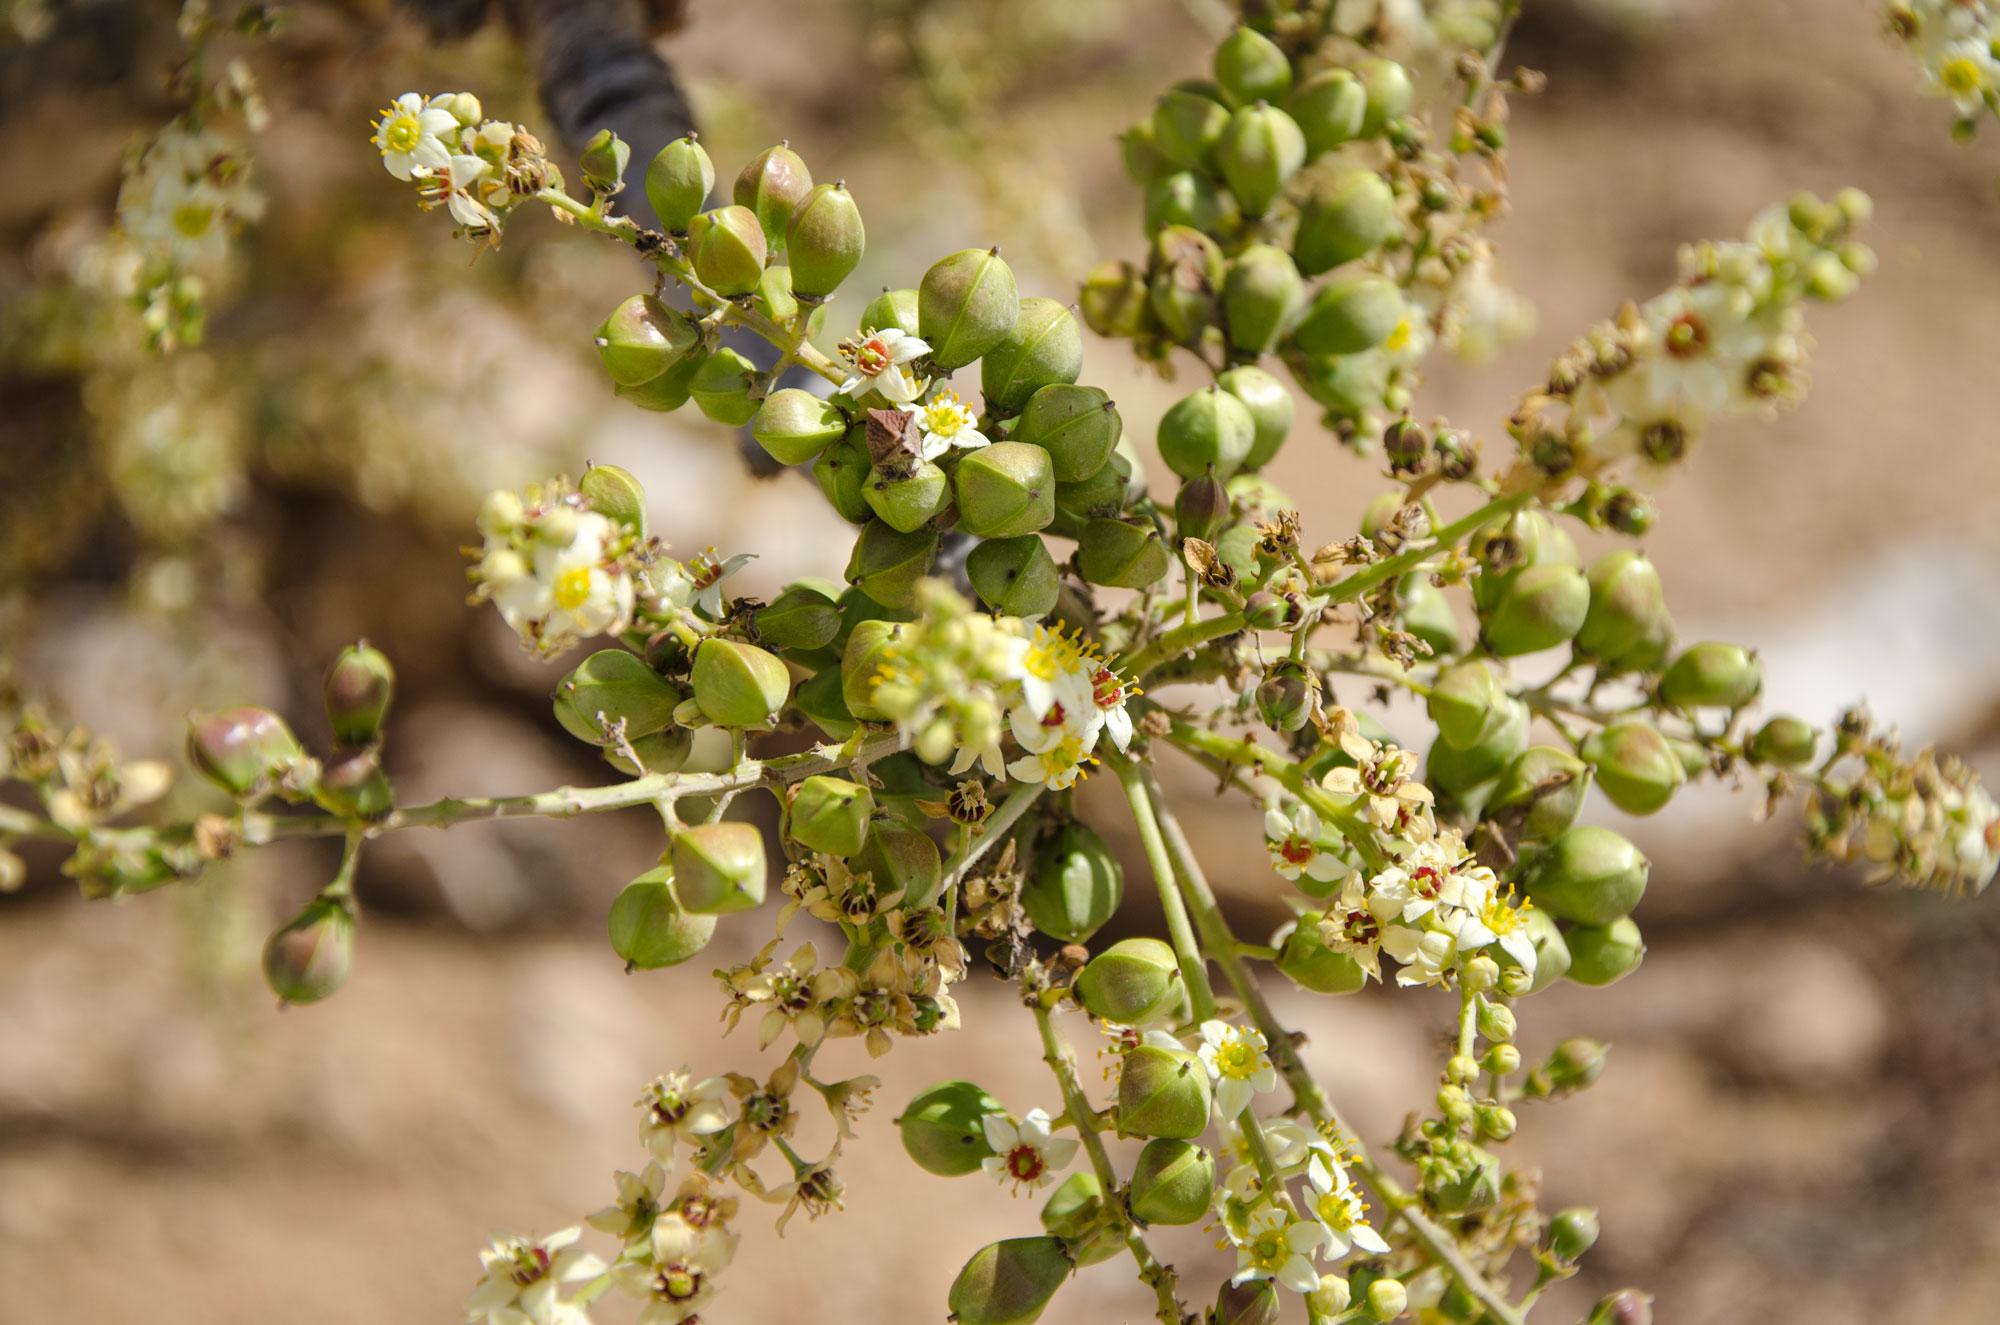 Dhofar ist als Weihrauchregion bekannt – überall findet man Weihrauchplantagen. Foto: Lothar Ruttner